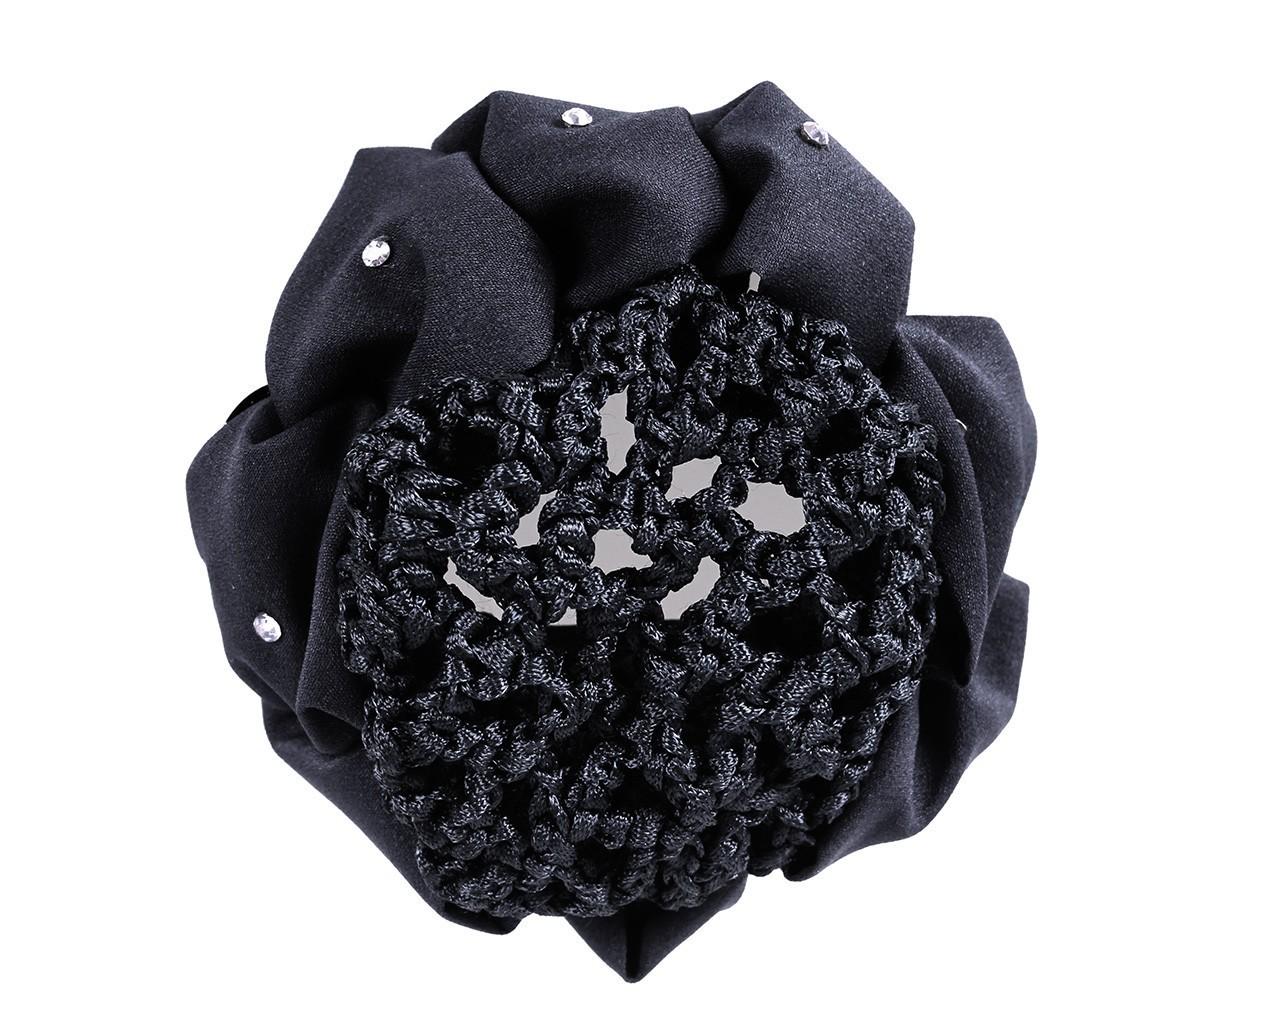 Hårnett med sort scrunchie